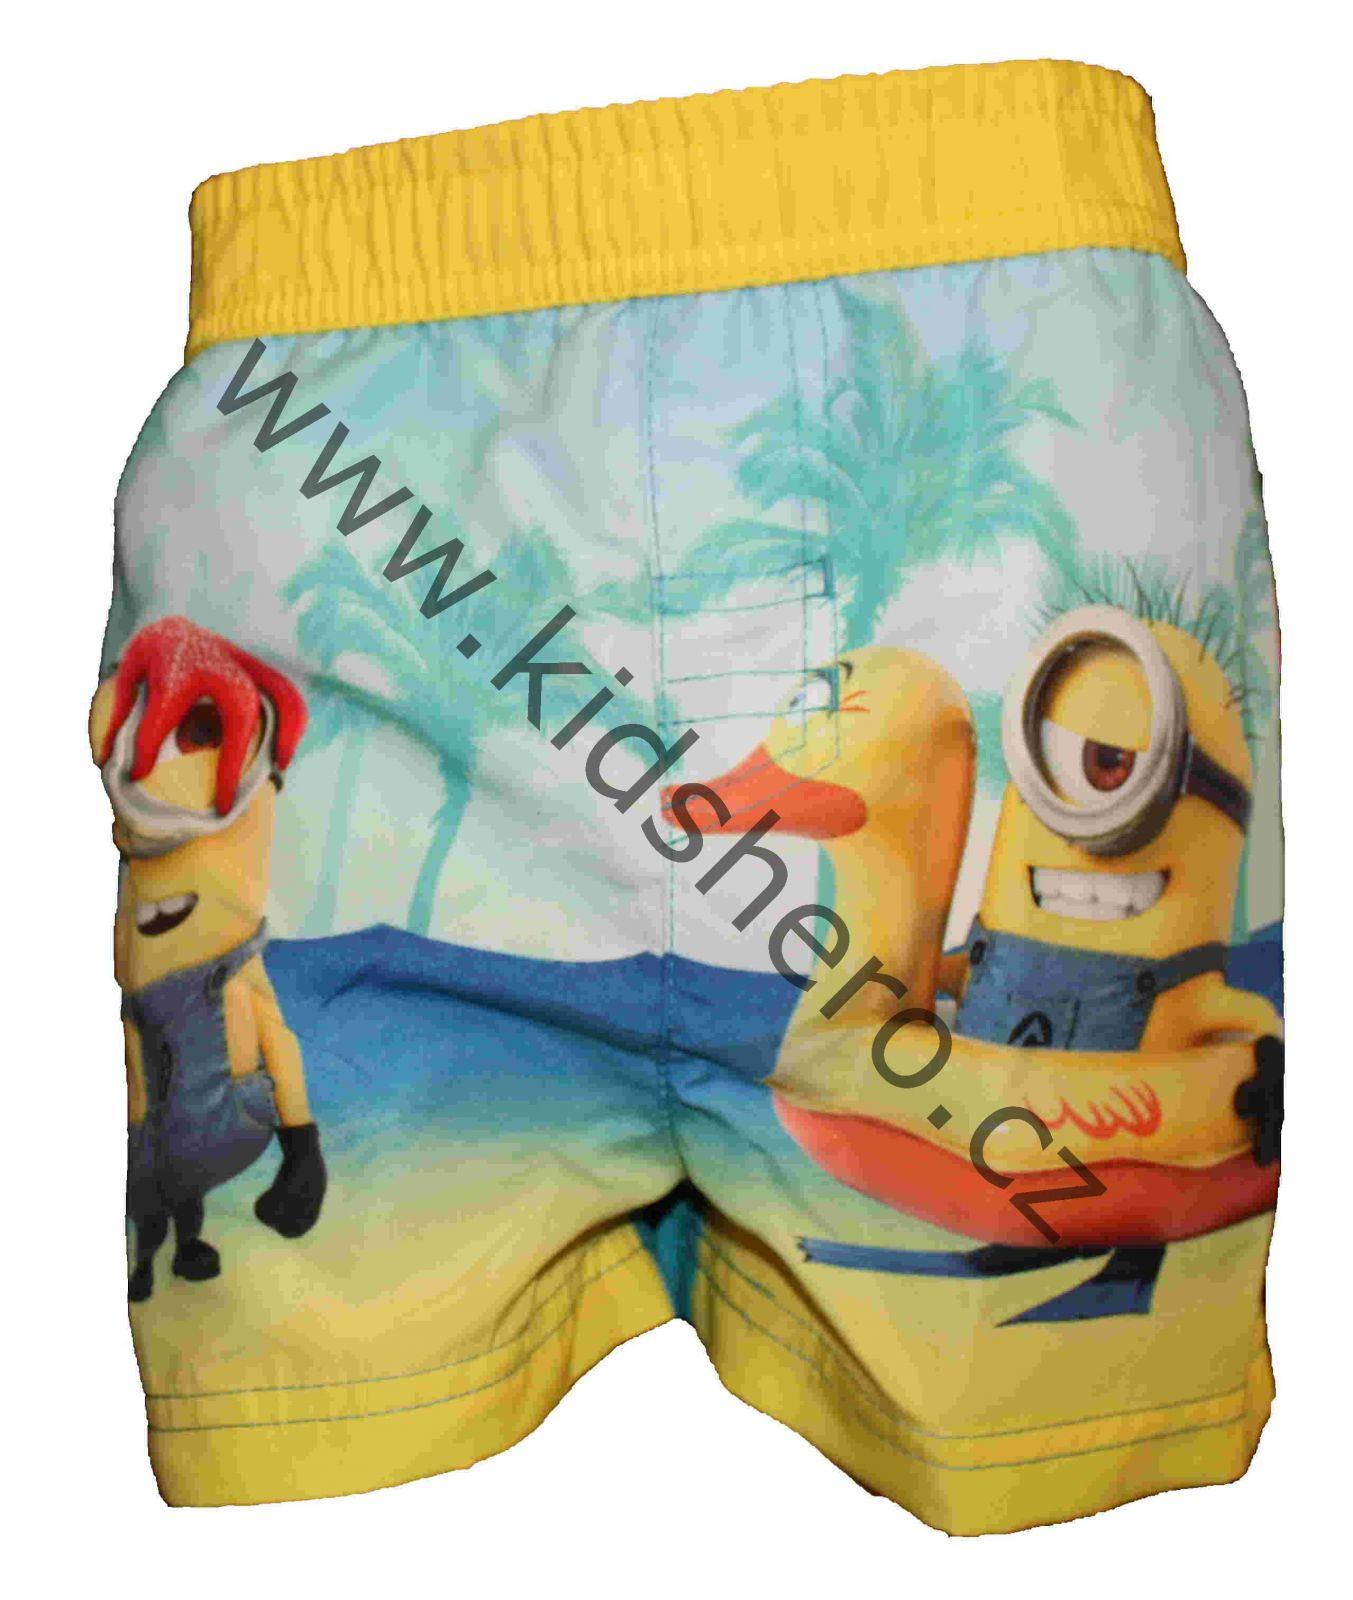 Dětské kraťasy Mimoni, licenční šortky mimoni Despicable Me